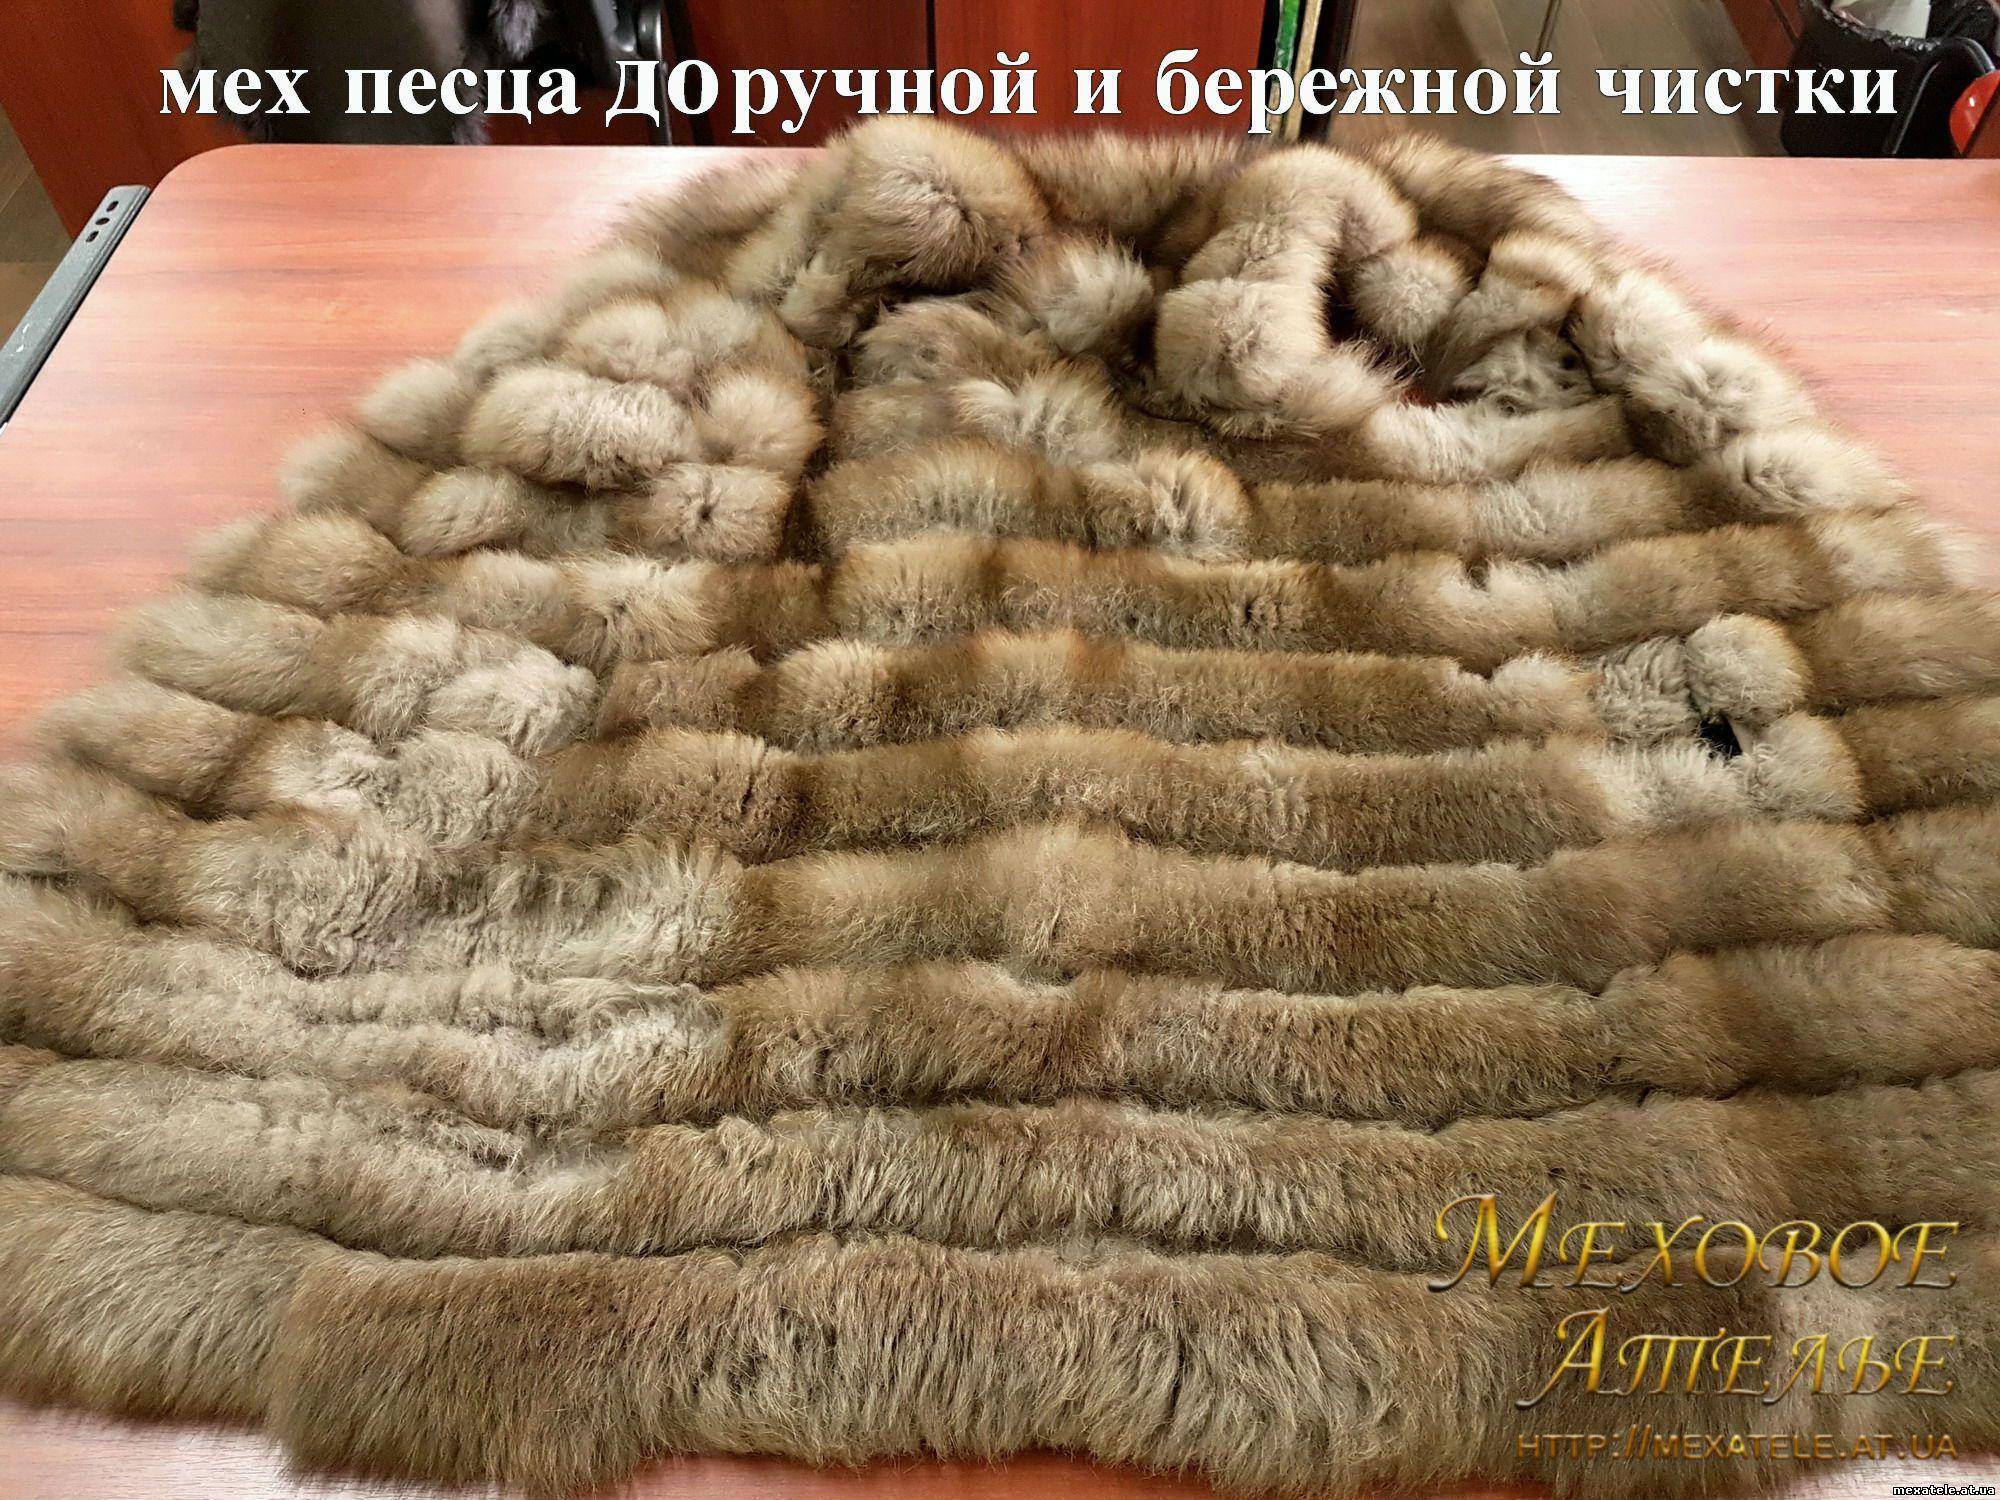 Белорусская вышивка и орнамент